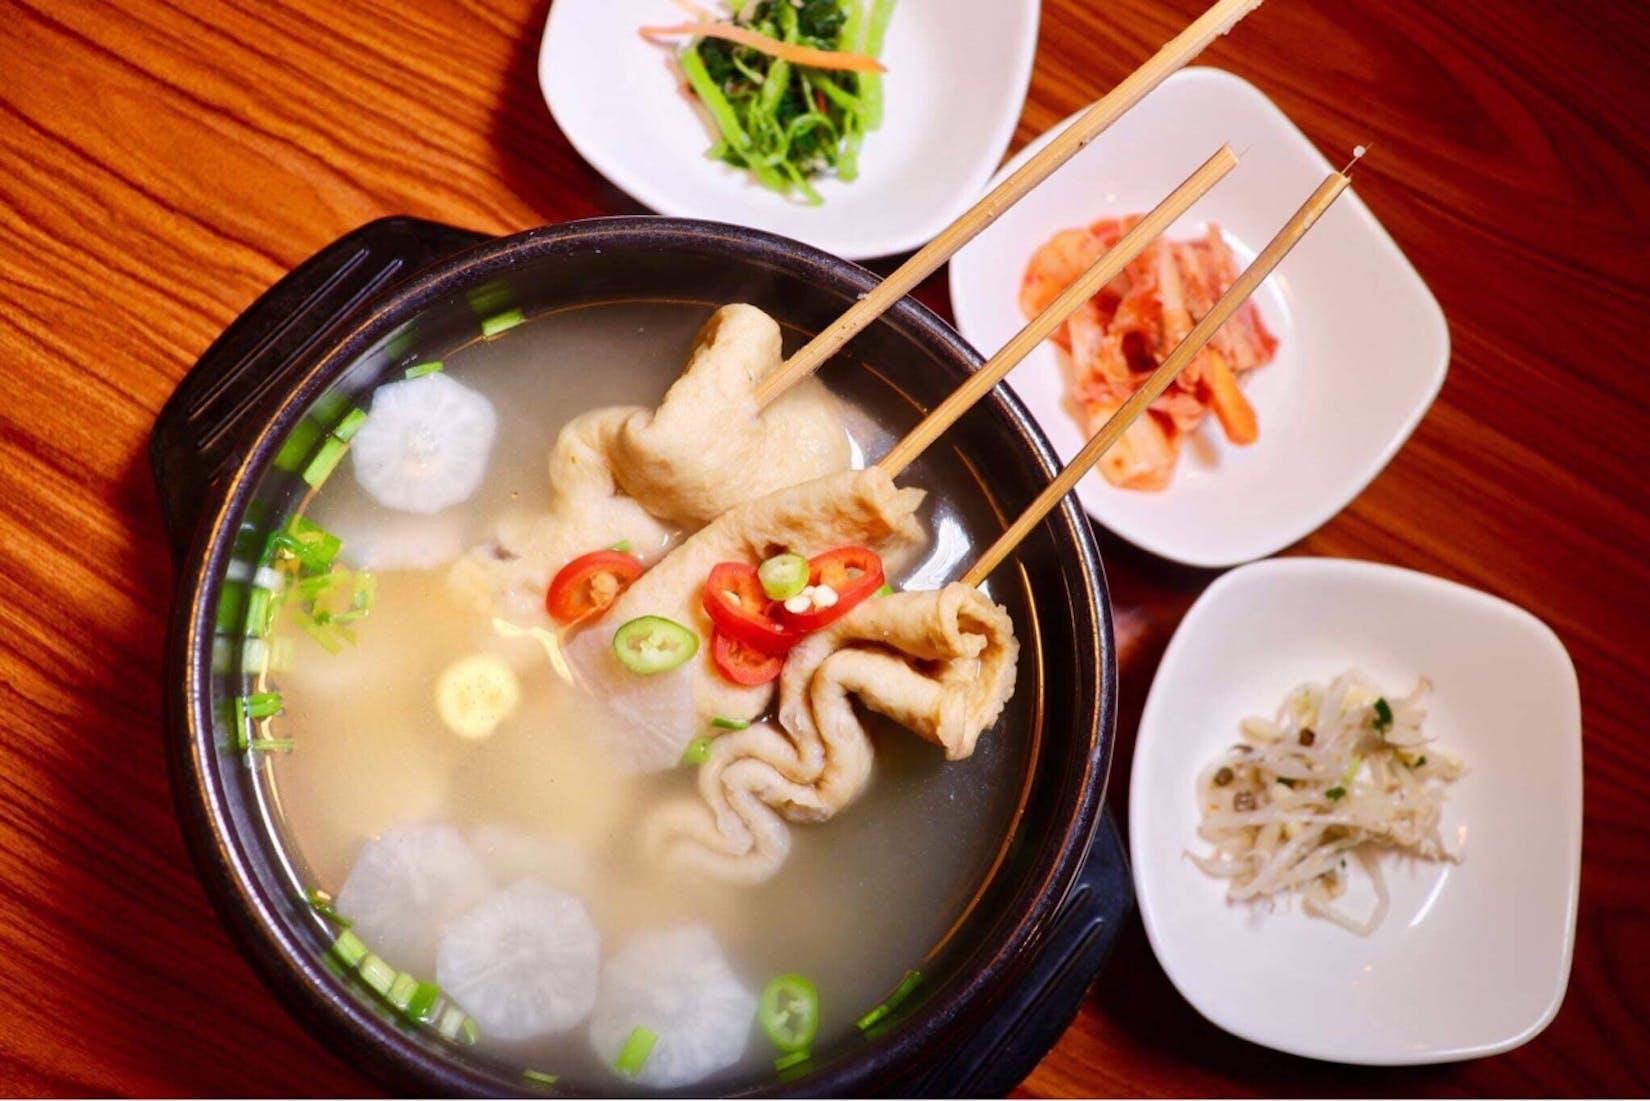 Pyit Tine Taung Chinese & Korean Food | yathar